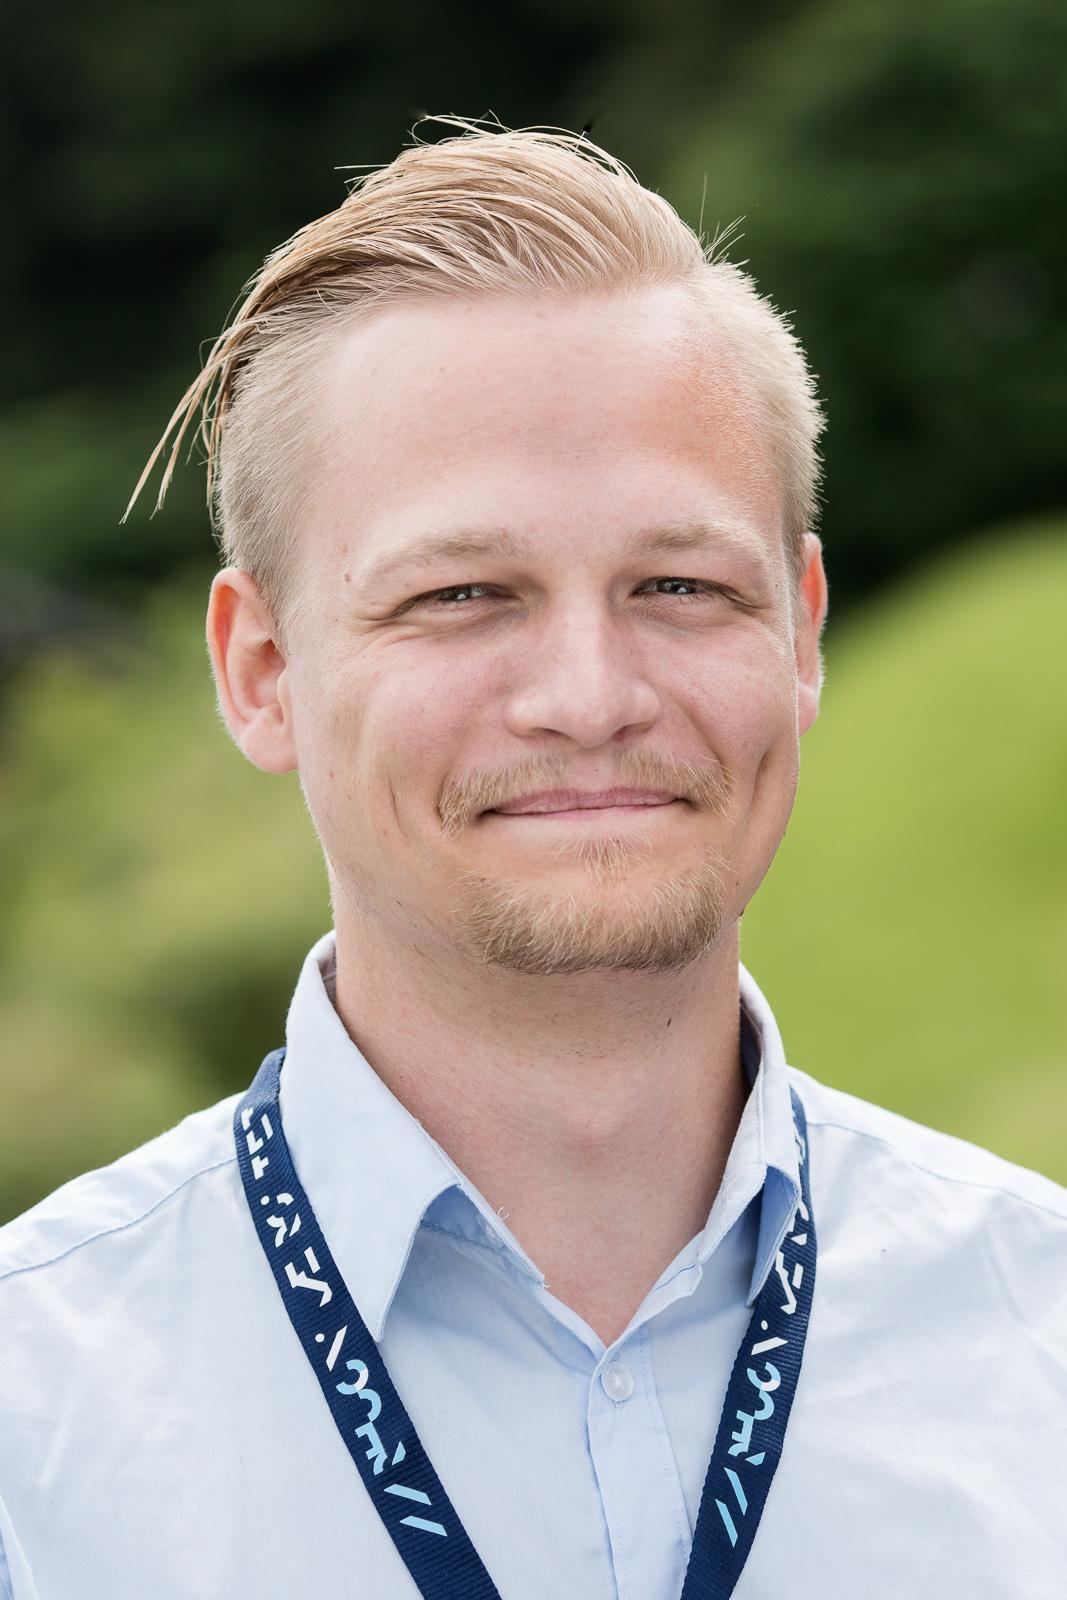 Alexander Gramm Kristensen